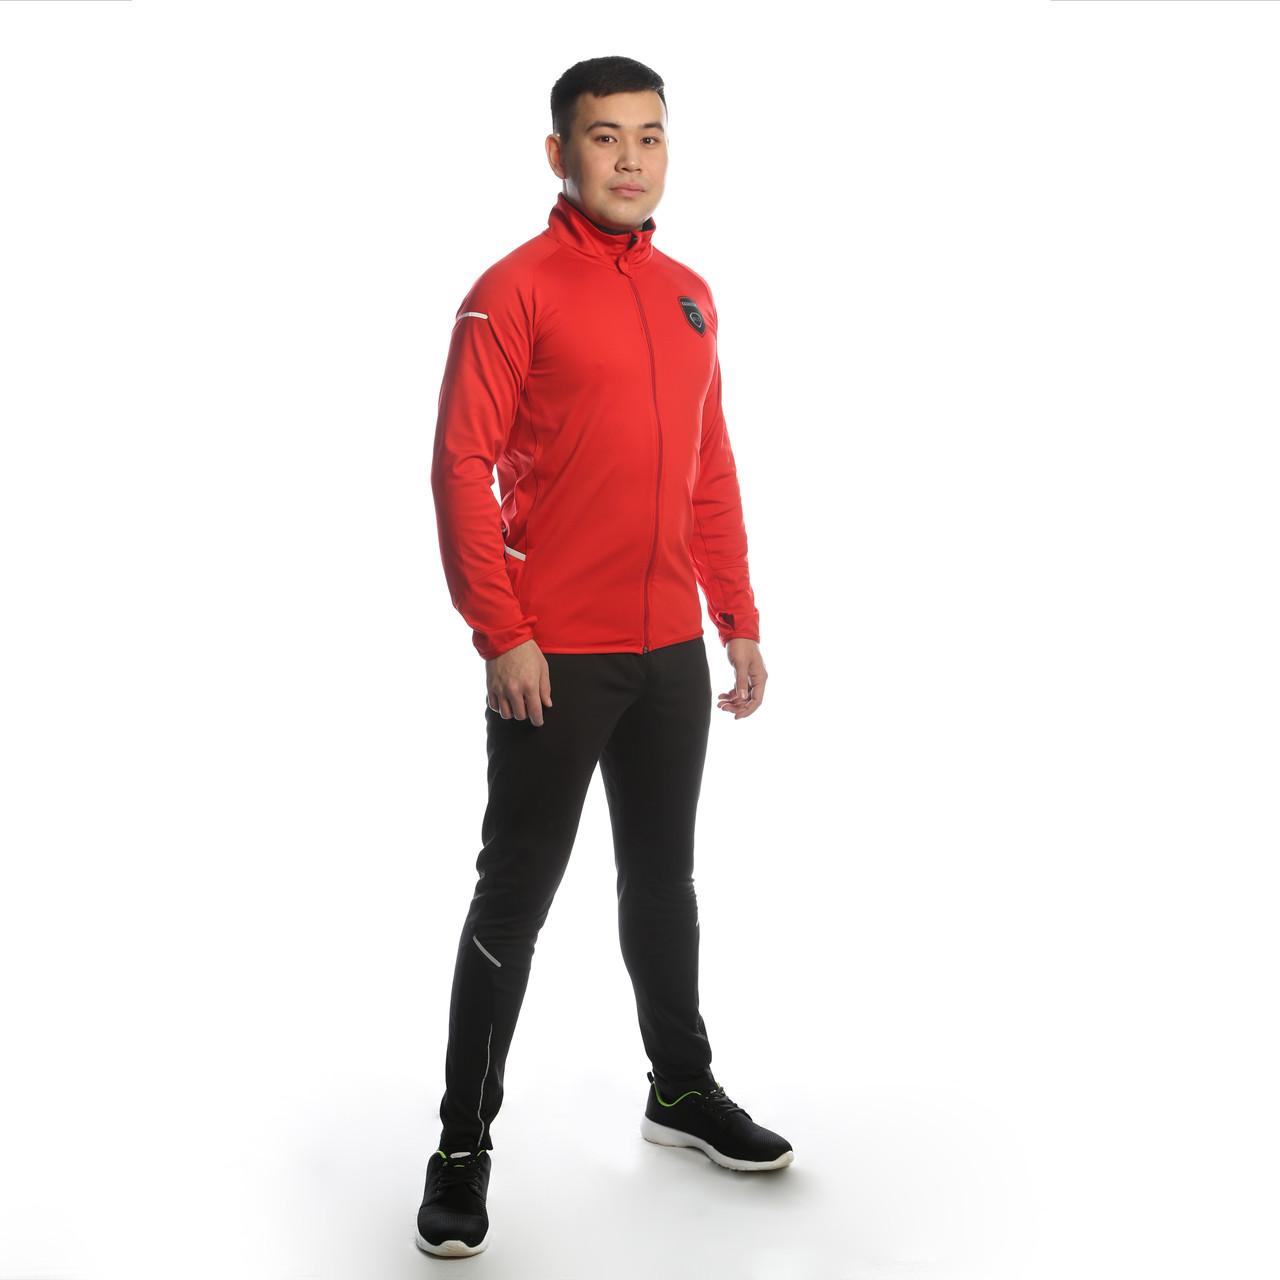 Костюм тренировочный, куртка-красного цвета и брюки- черного цвета, коллекция BLS PATRIOT